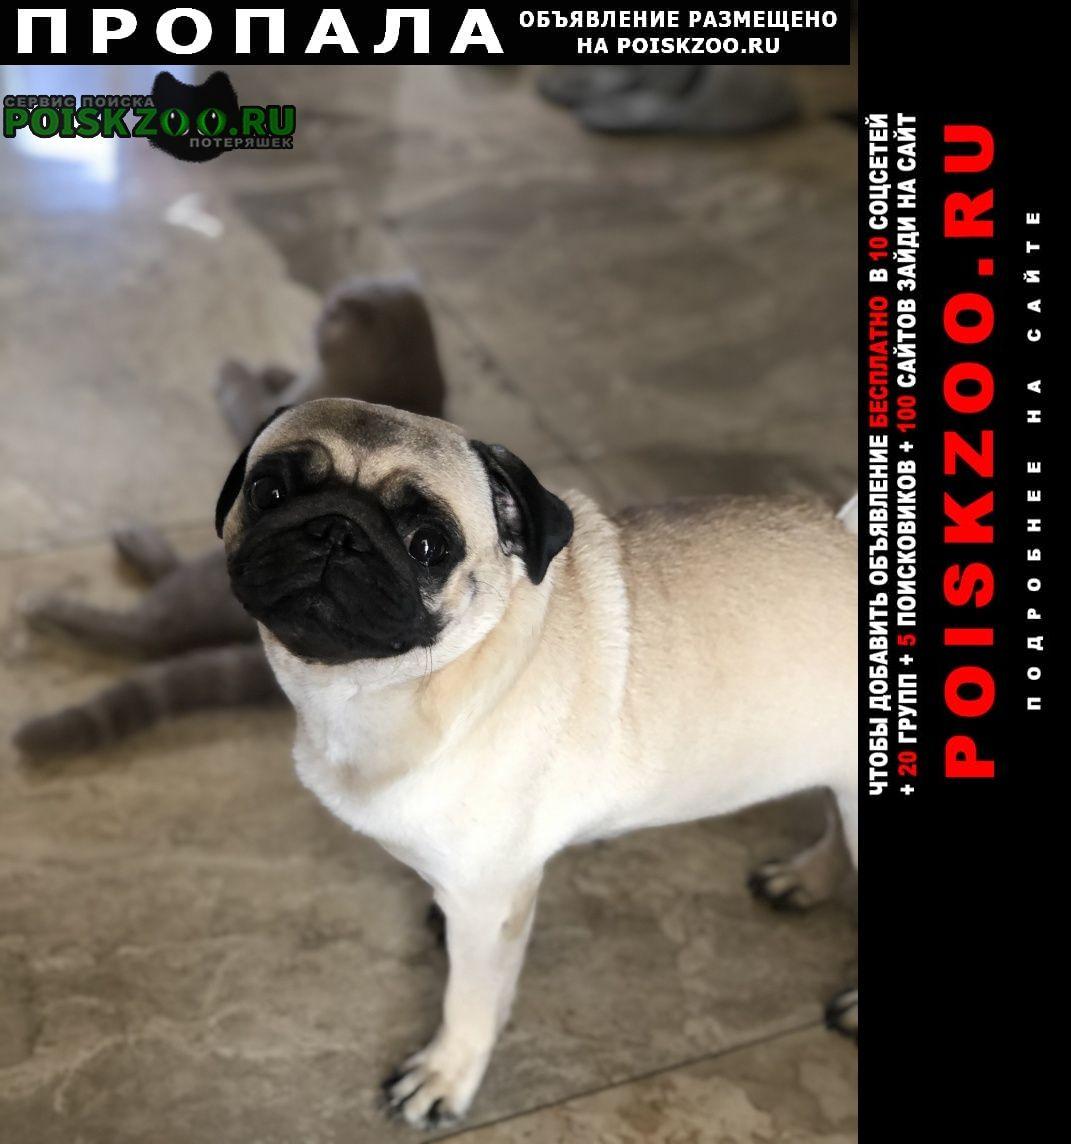 Пропала собака мопс девочка Краснодар